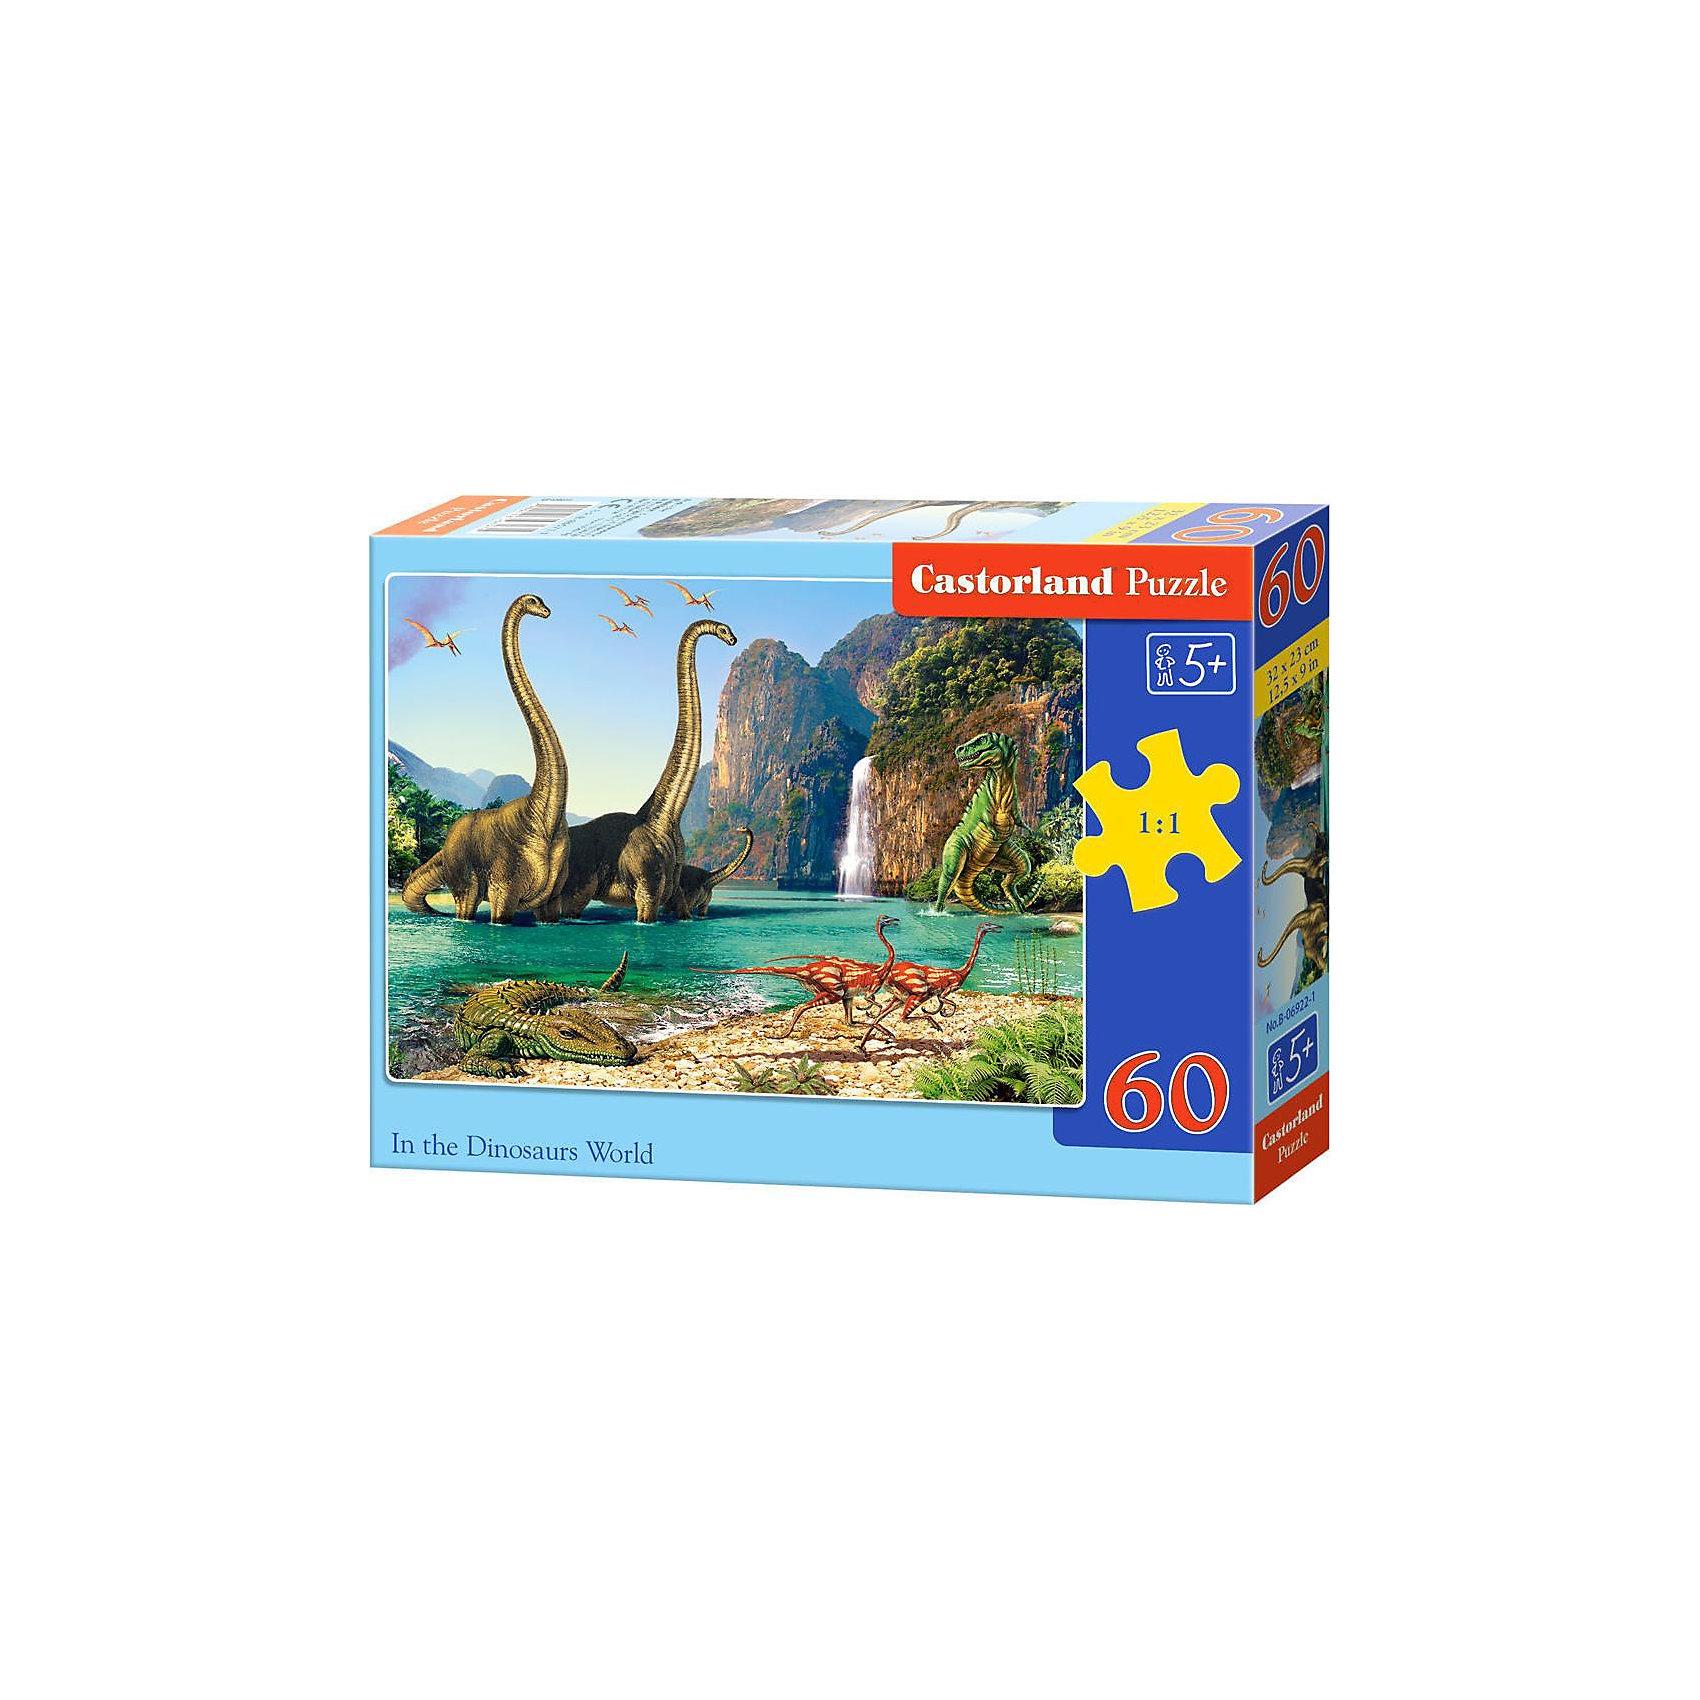 Пазл Castorland Динозавры, 60 деталейКлассические пазлы<br>Характеристики:<br><br>• возраст: от 5 лет<br>• количество деталей: 60 шт.<br>• размер собранного пазла: 32х23 см.<br>• материал: картон<br>• упаковка: картонная коробка<br>• размер упаковки: 18x4x13 см.<br>• вес: 150 гр.<br>• страна обладатель бренда: Польша<br><br>Пазл «Динозавры» от Castorland (Касторленд) отличается высоким качеством, высоким уровнем полиграфии, насыщенными цветами и идеальной стыковкой элементов. Из 60 элементов пазла ребенок соберет красочную картину с изображением доисторических животных обитавших на Земле в Юрский период.<br><br>Пазл Динозавры, 60 деталей, Castorland (Касторленд) можно купить в нашем интернет-магазине.<br><br>Ширина мм: 180<br>Глубина мм: 130<br>Высота мм: 40<br>Вес г: 150<br>Возраст от месяцев: 60<br>Возраст до месяцев: 2147483647<br>Пол: Унисекс<br>Возраст: Детский<br>SKU: 6725087